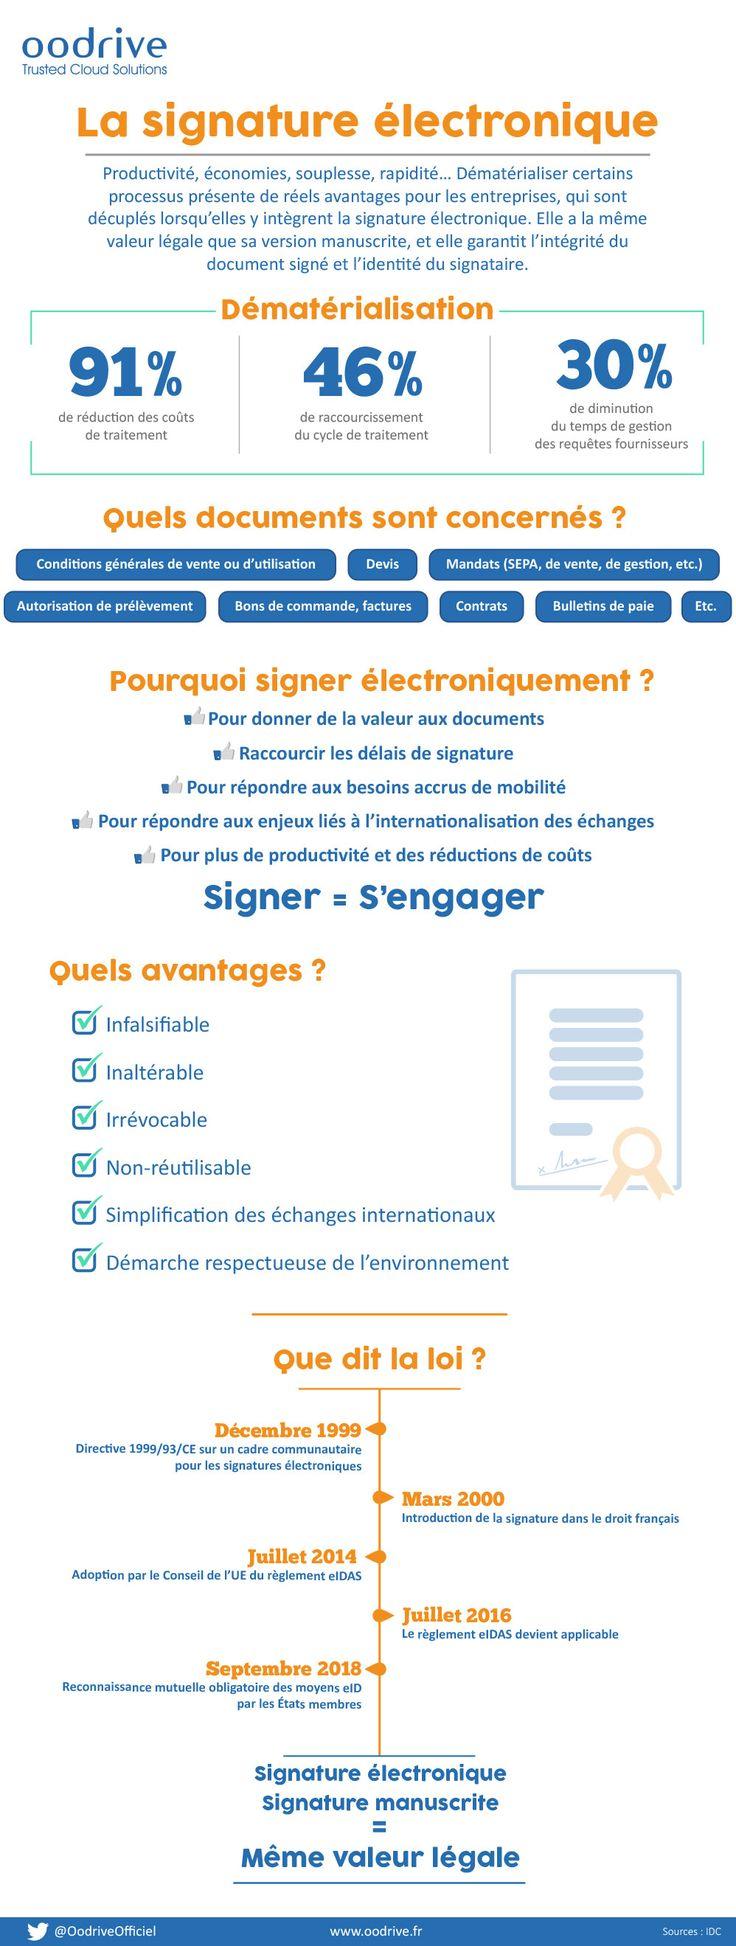 La signature électronique en une infographie